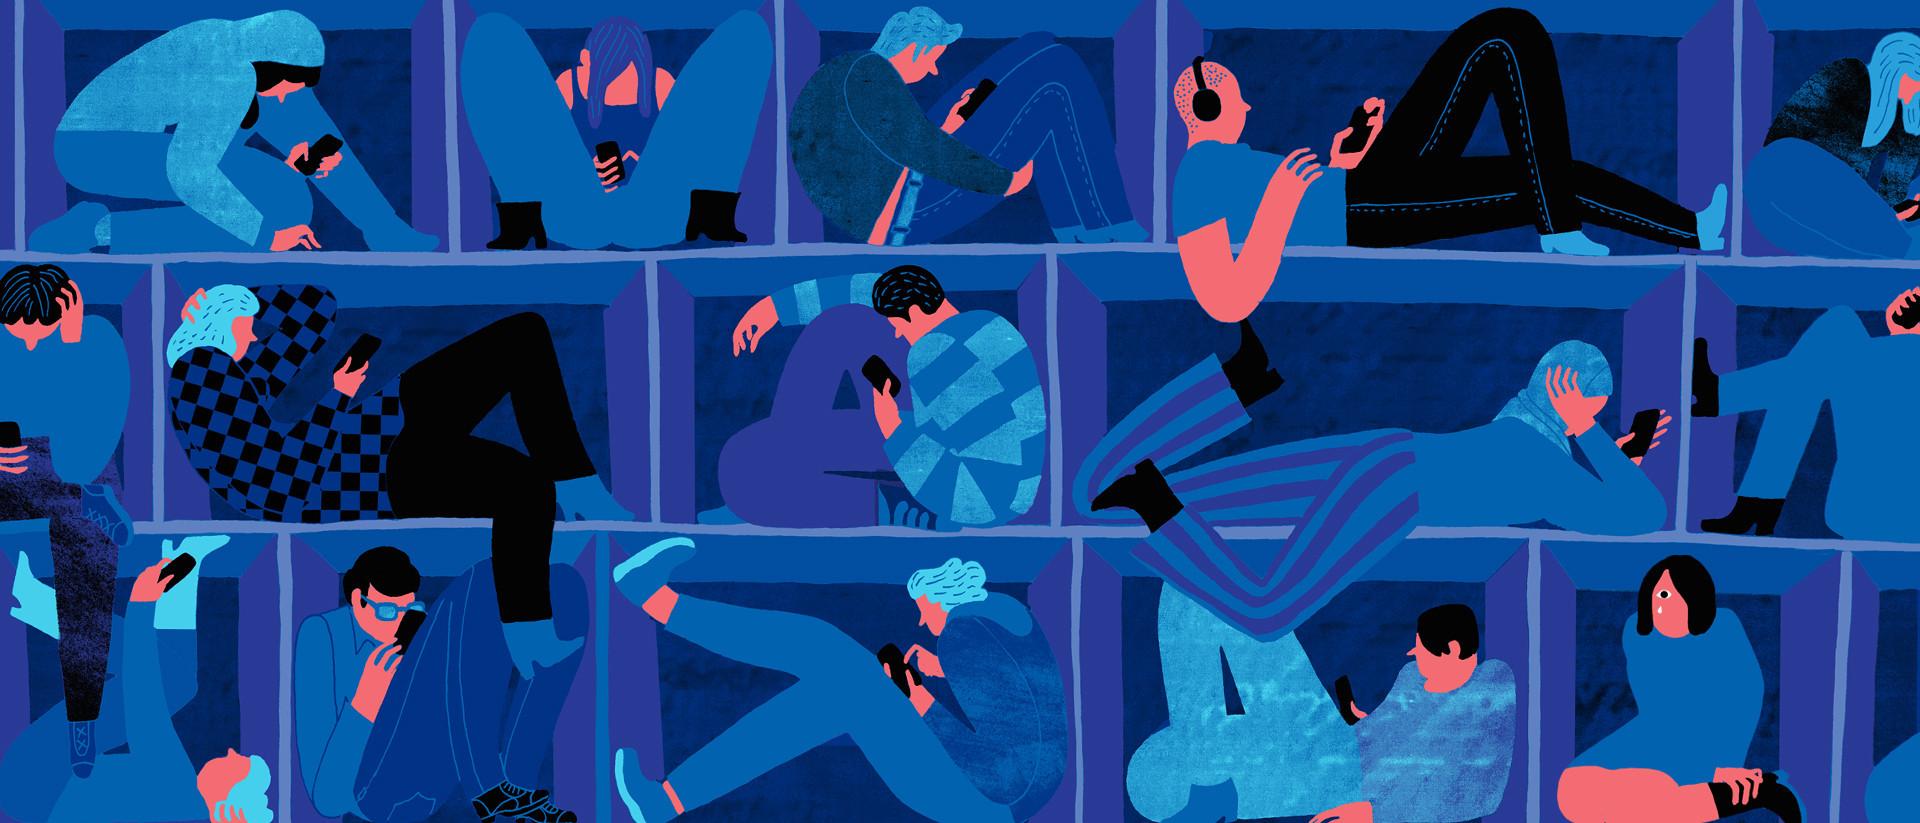 invloed van media op jongeren Jongeren sporten steeds minder, sociale media vermoedelijk  jongeren vaker  zelf wat ze doen en is de invloed van ouders minder geworden.